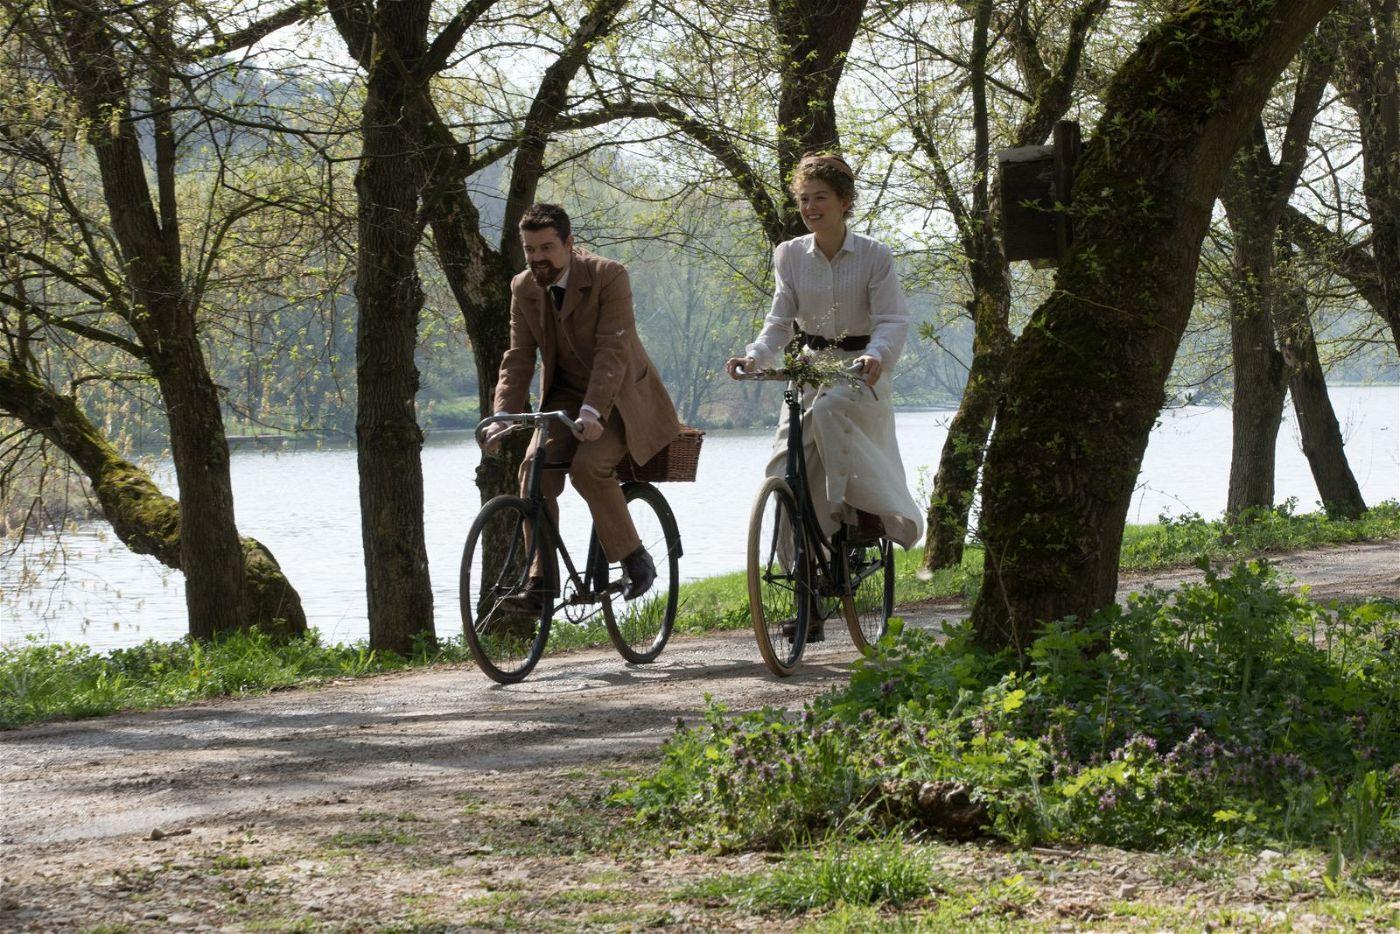 Pierre (Sam Riley) und Marie Curie (Rosamund Pike) verbringen leidenschaftliche Flitterwochen auf dem Fahrrad - und an idyllischen Seen.